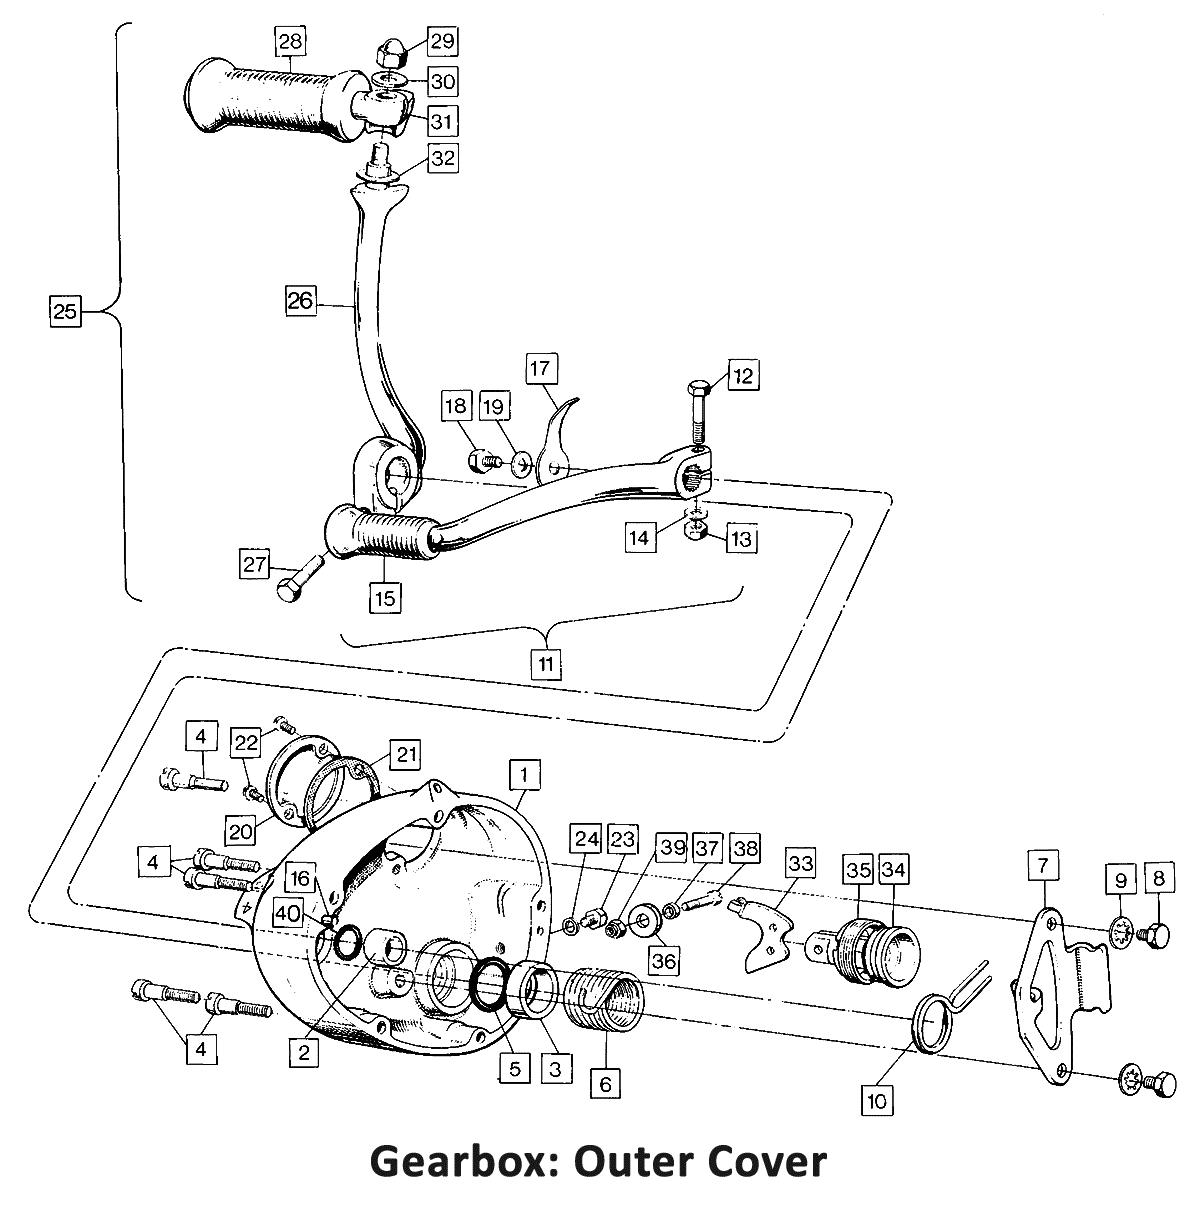 1972 Norton Commando 750 Gearbox: Outer Cover, classic motorbike spares, classic motorbike spare parts, classic motorcycle spares, classic motorcycle spare parts